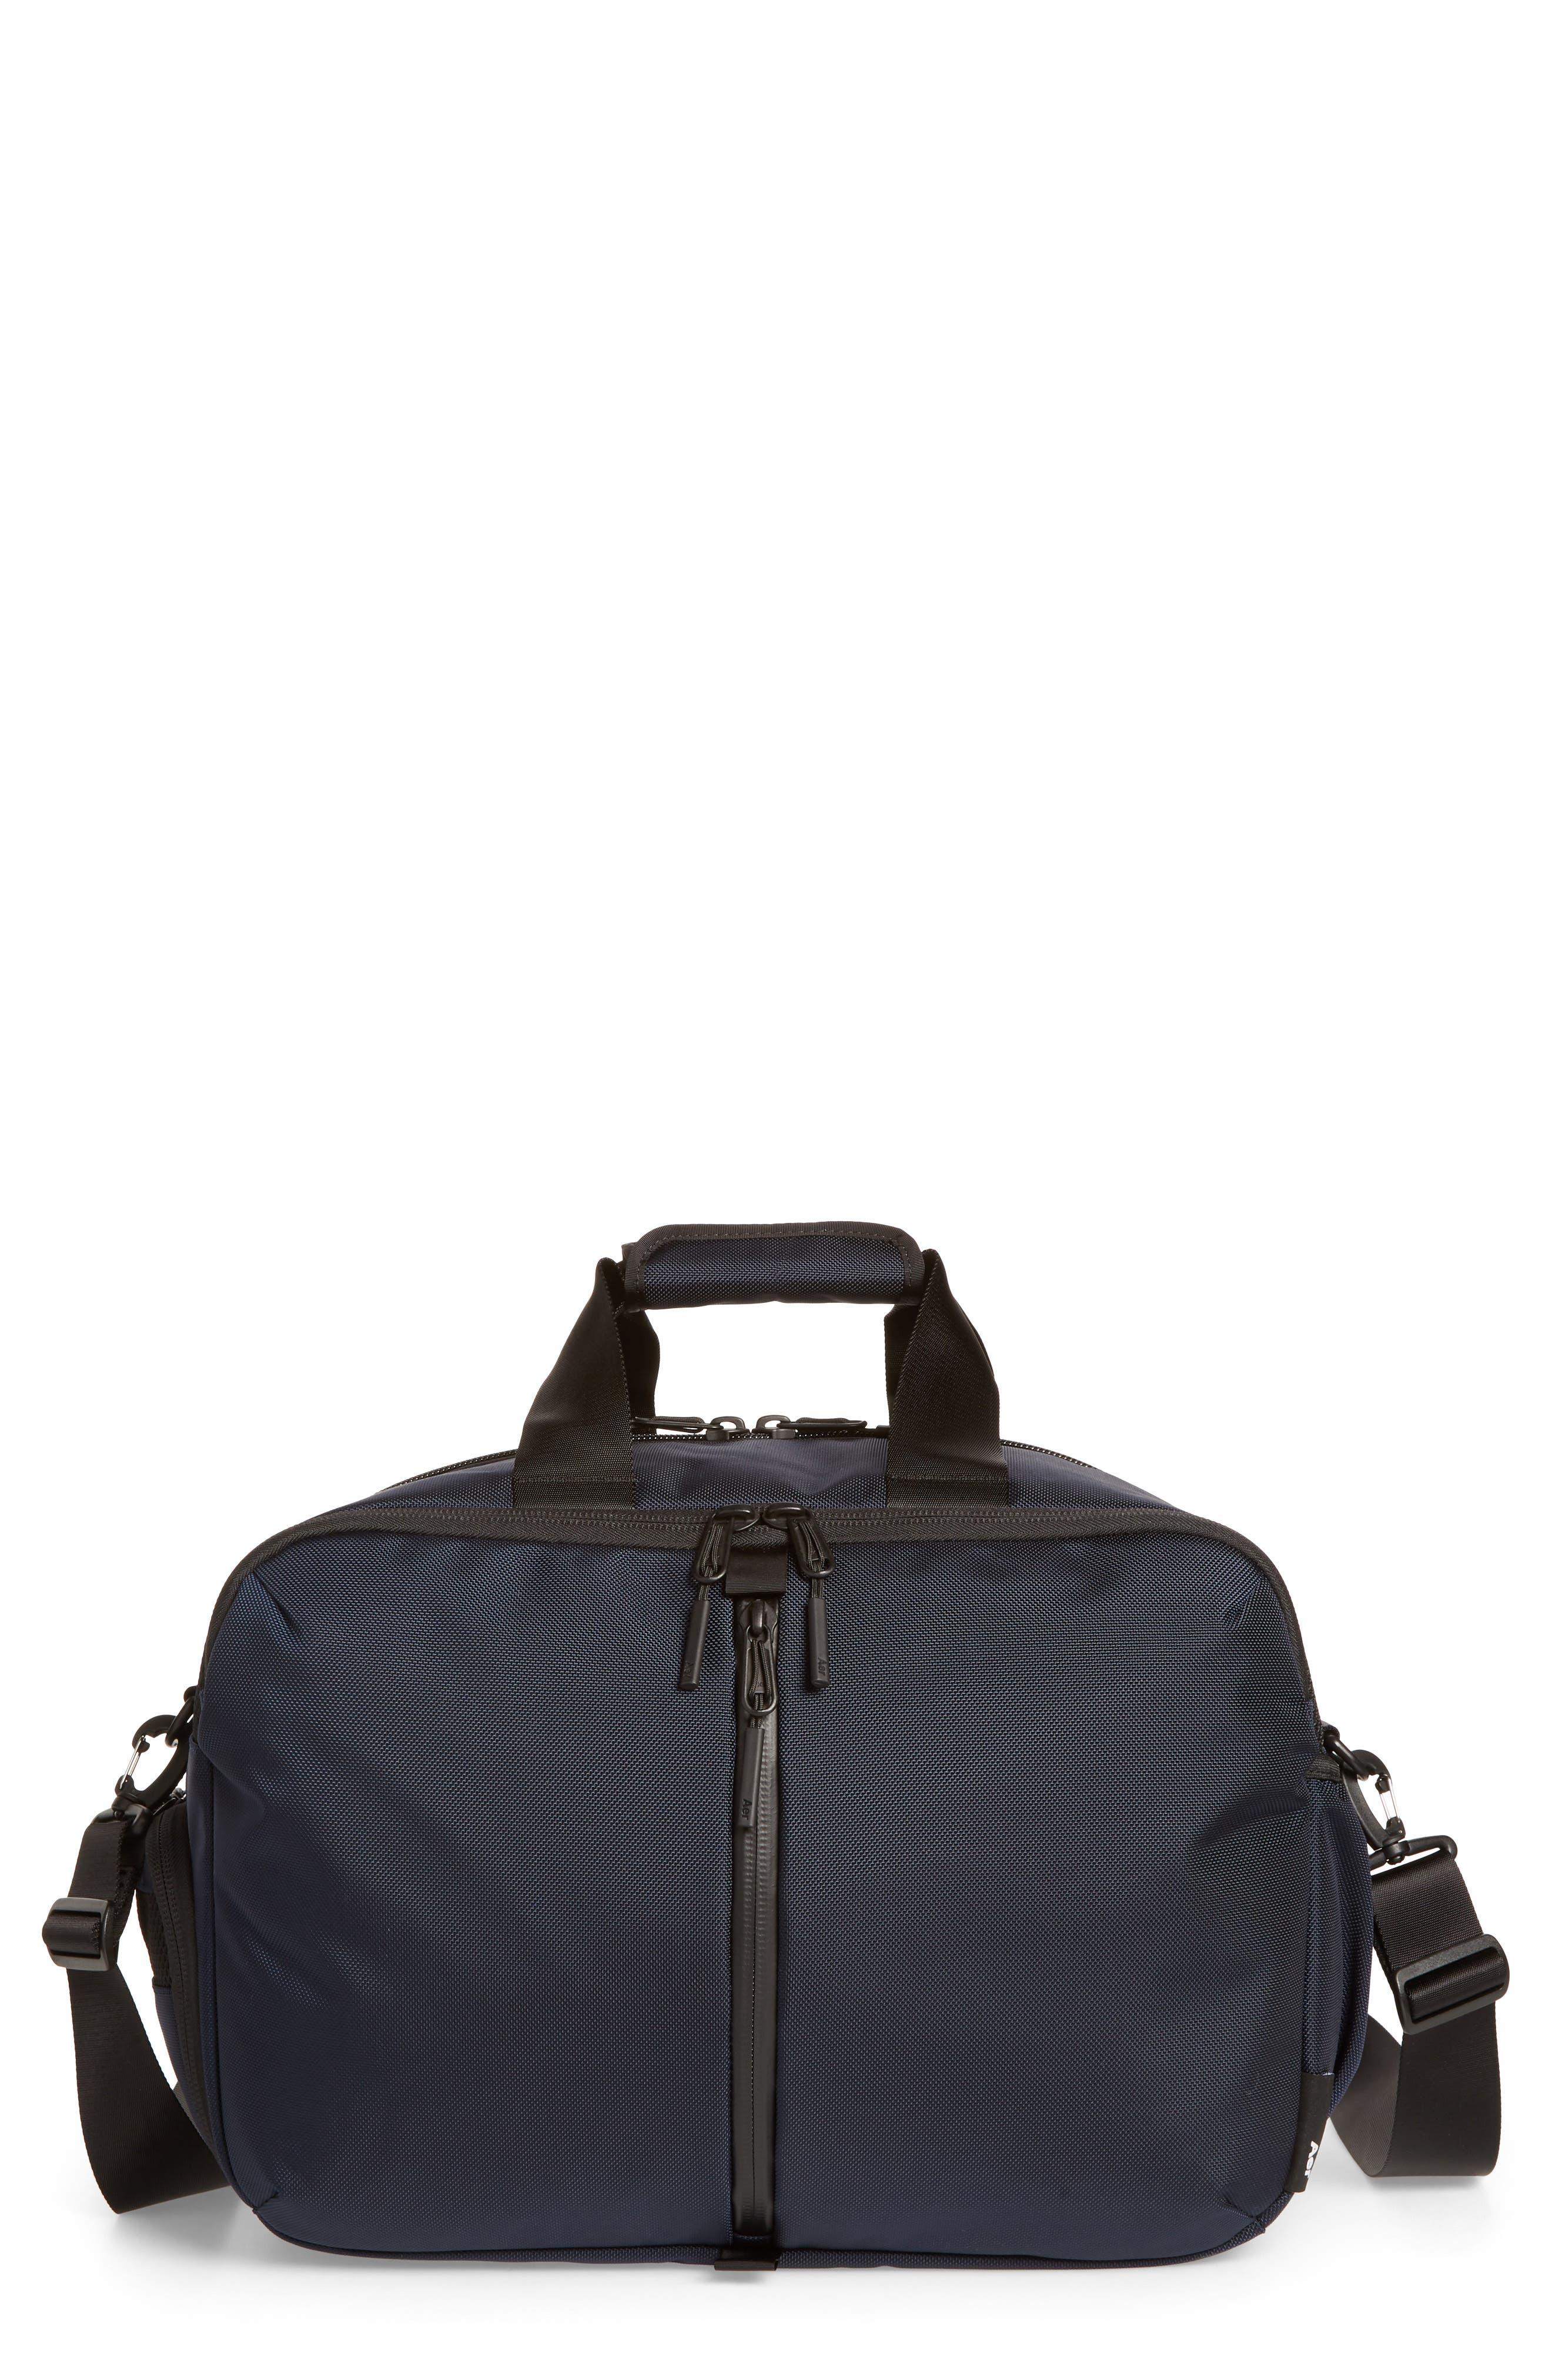 Alternate Image 1 Selected - Aer Gym Duffel 2 Duffel Bag